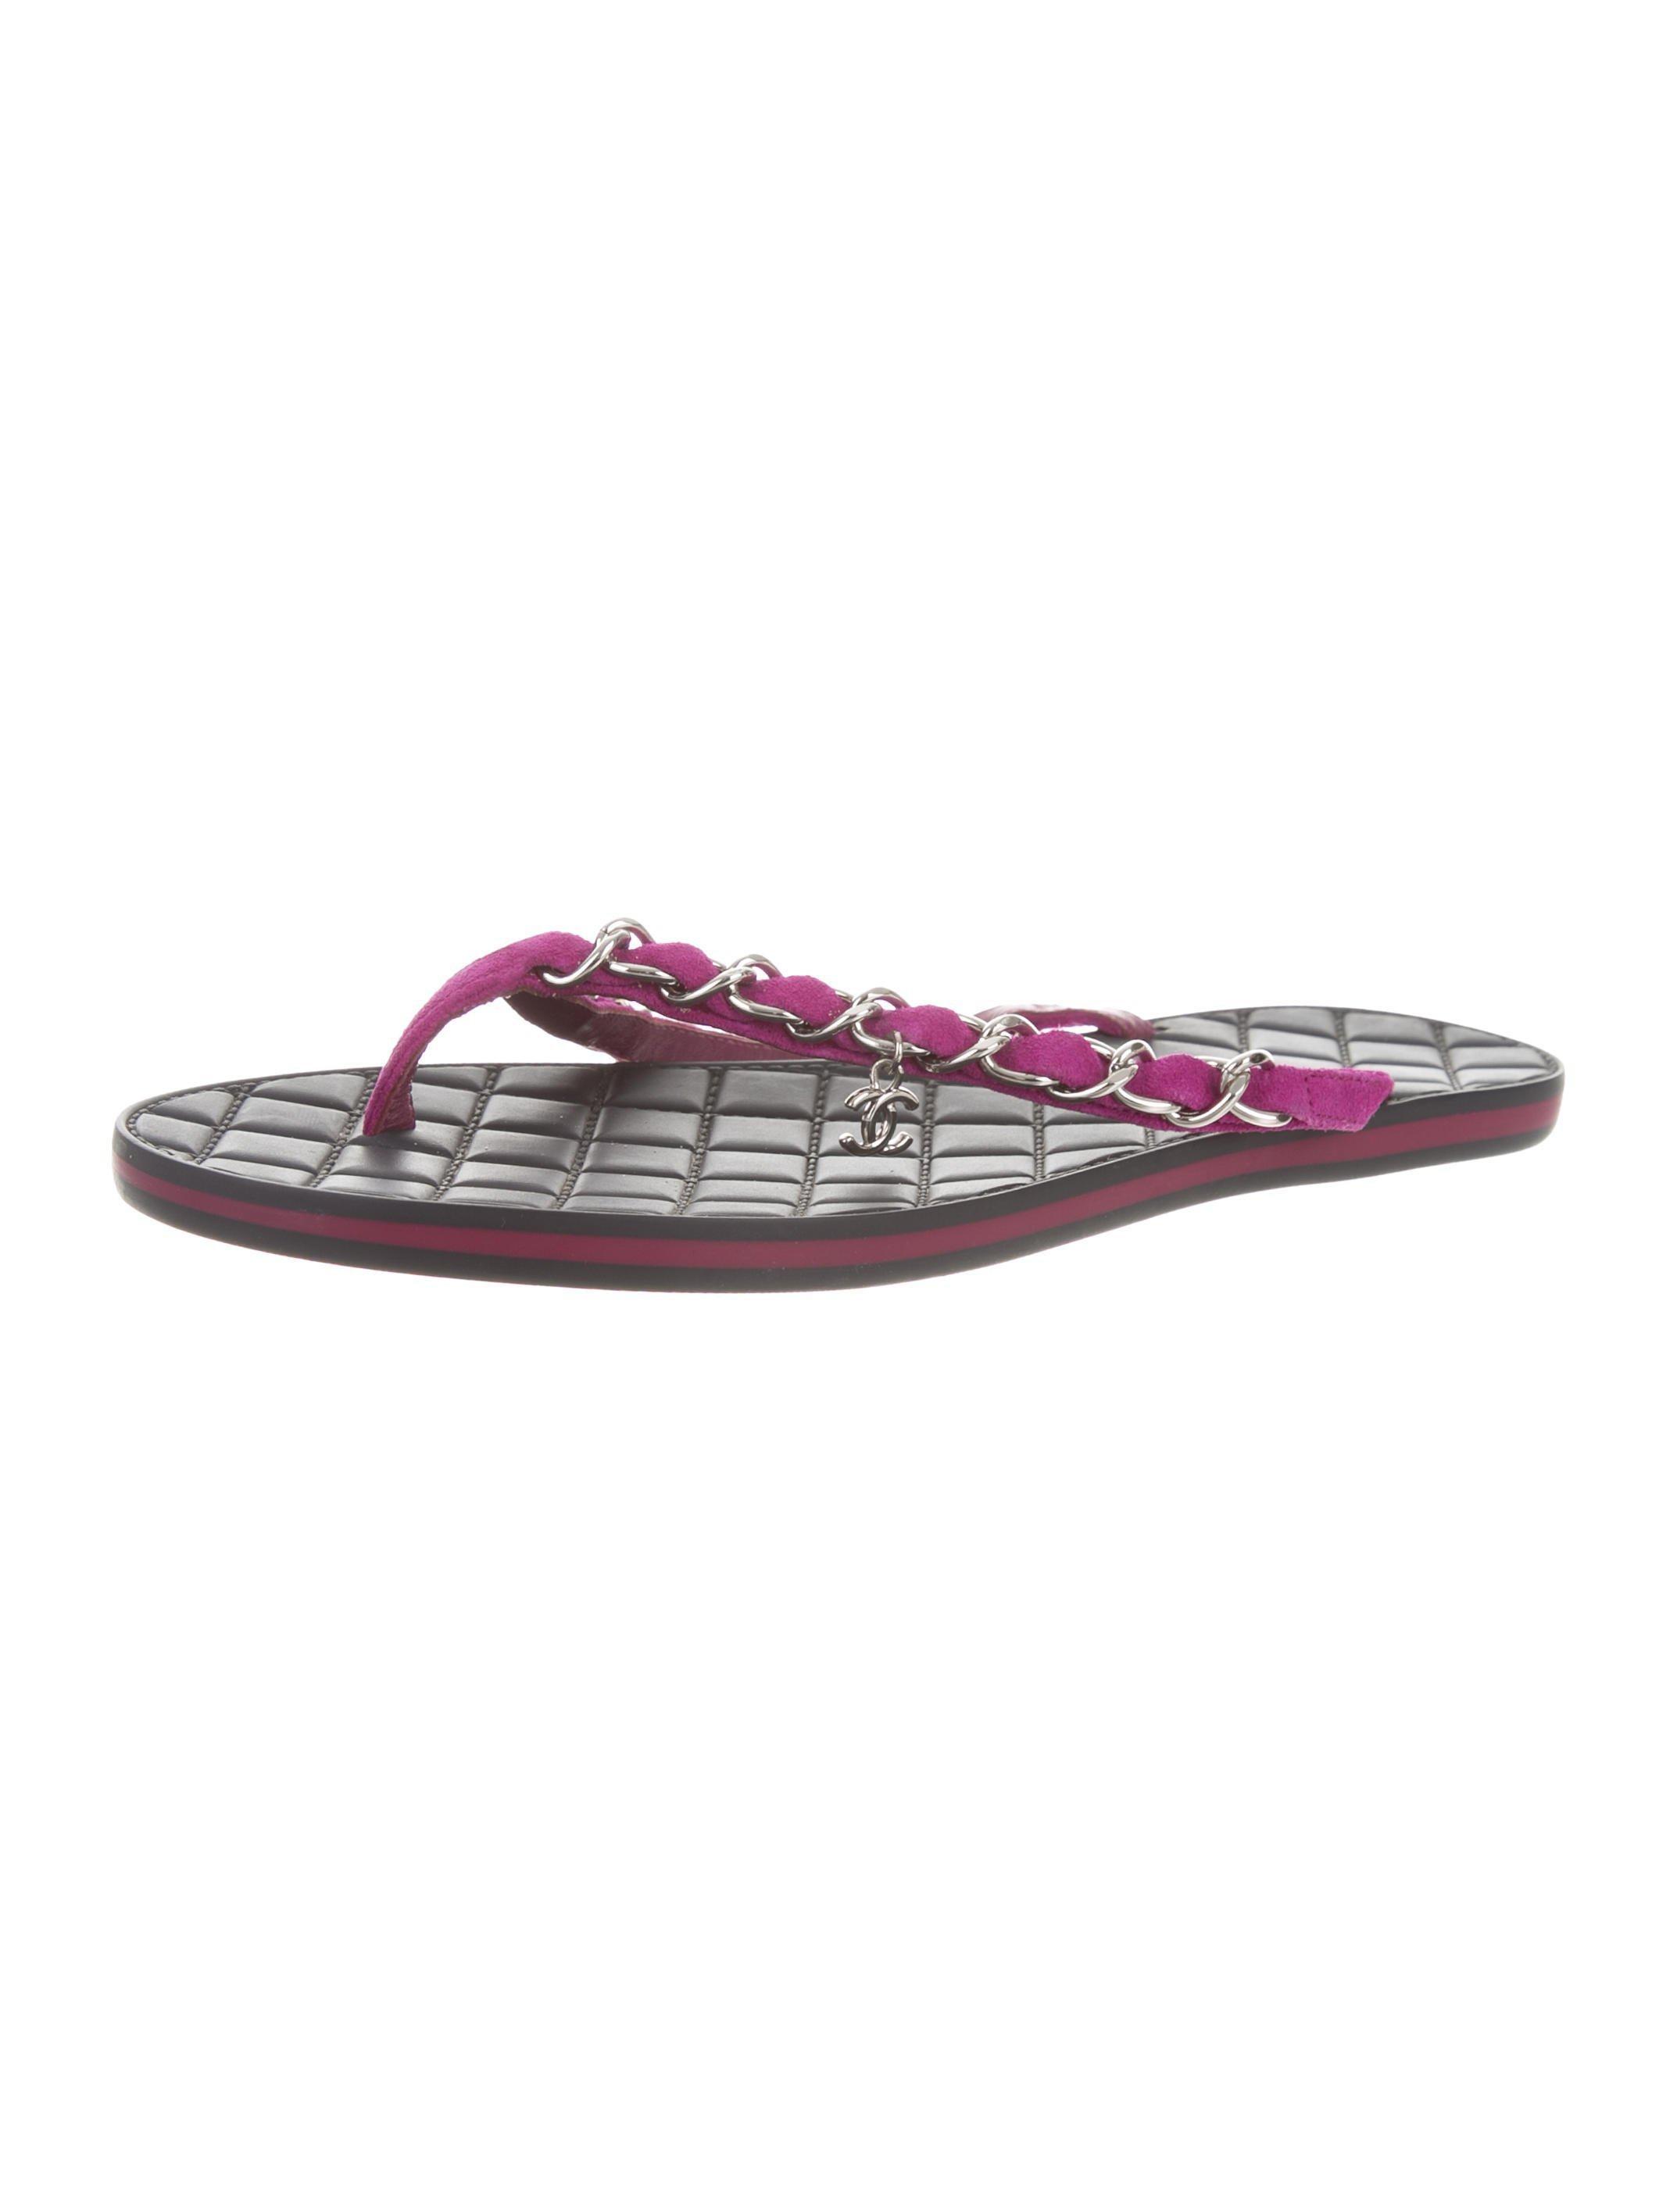 0b135af3e7eb Lyst - Chanel Chain-link Cc Sandals Fuchsia in Metallic